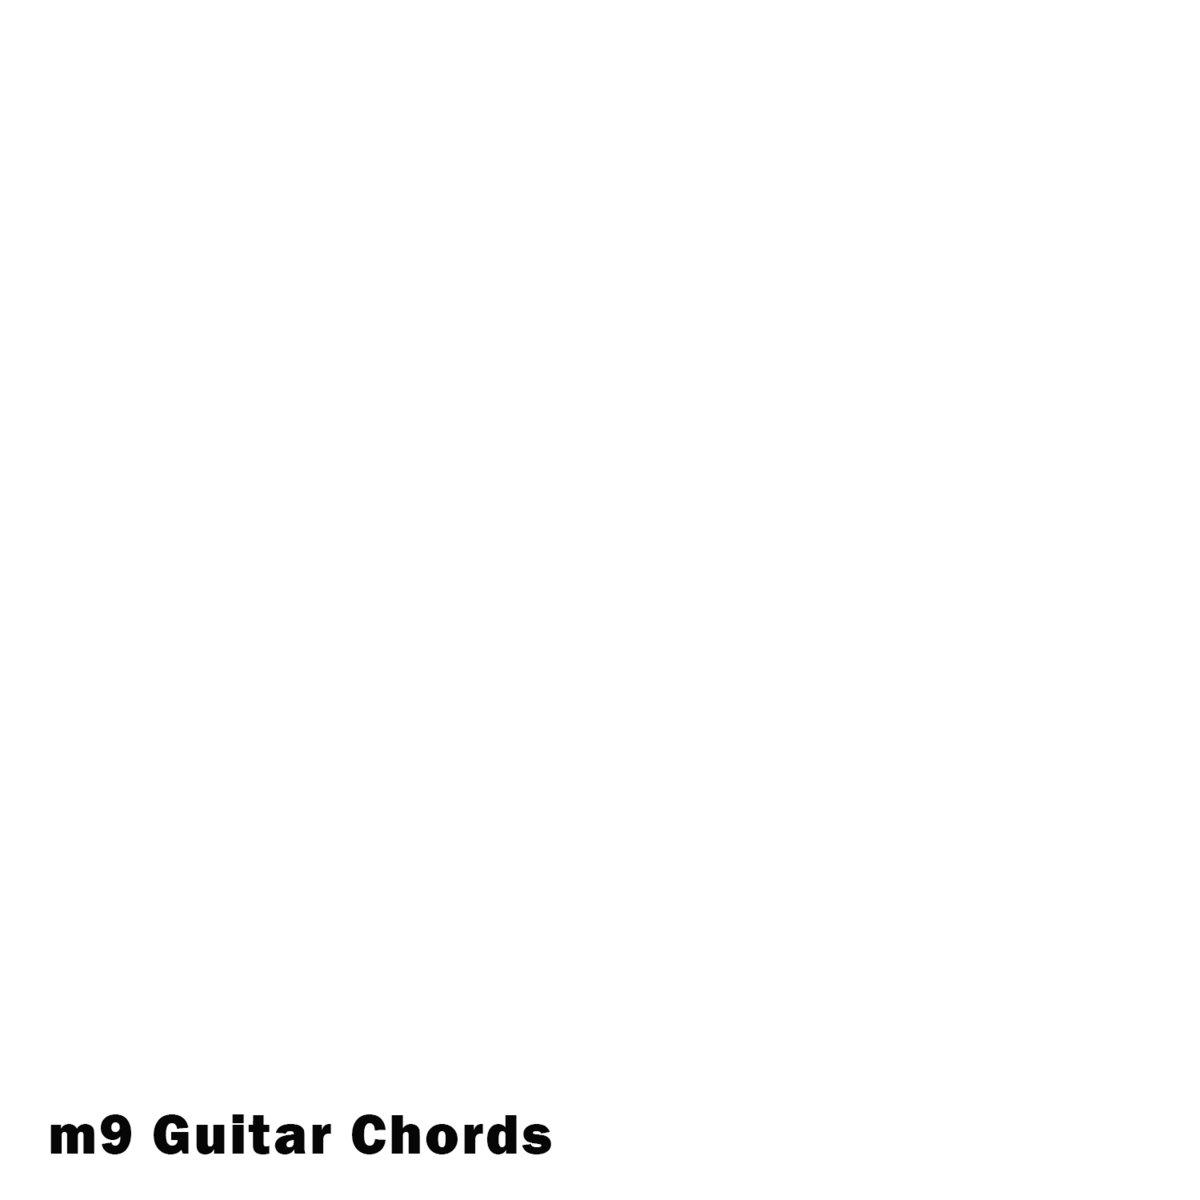 M9 Guitar Chords Doi Havto